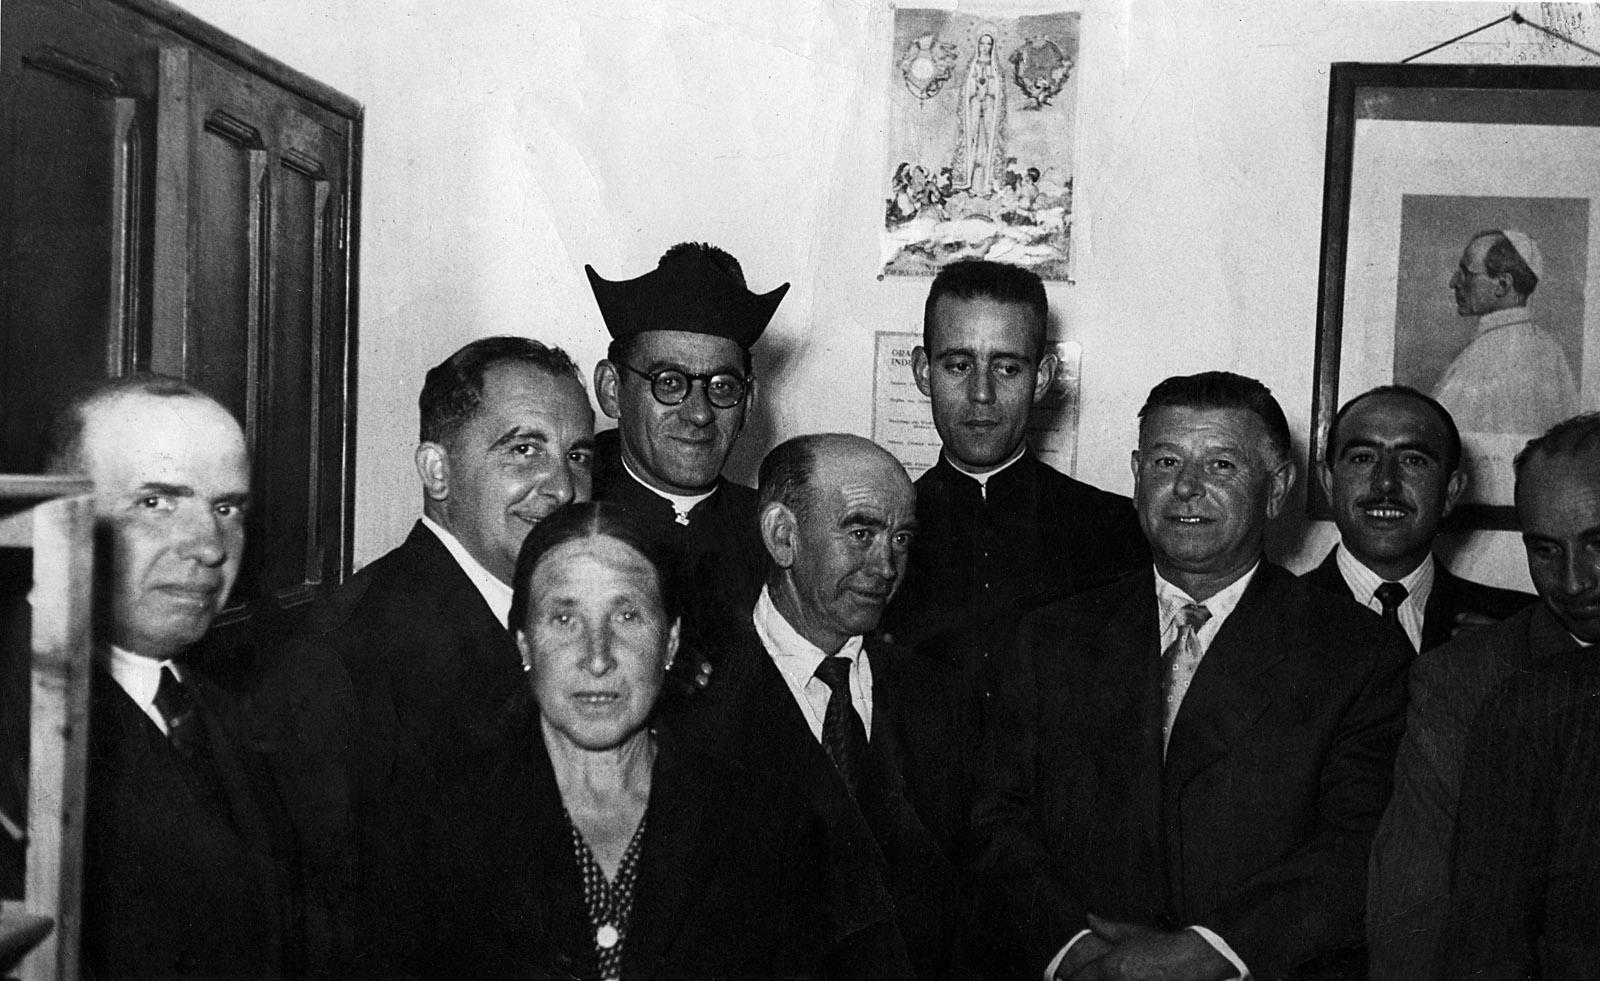 El párroco Luis Calleja con Mariano Cavero (coajutor), Teodoro, Julián Sepúlveda y Alberto Hervás, entre otros, con el retrato al fondo del Papa Pío XII en 1952.